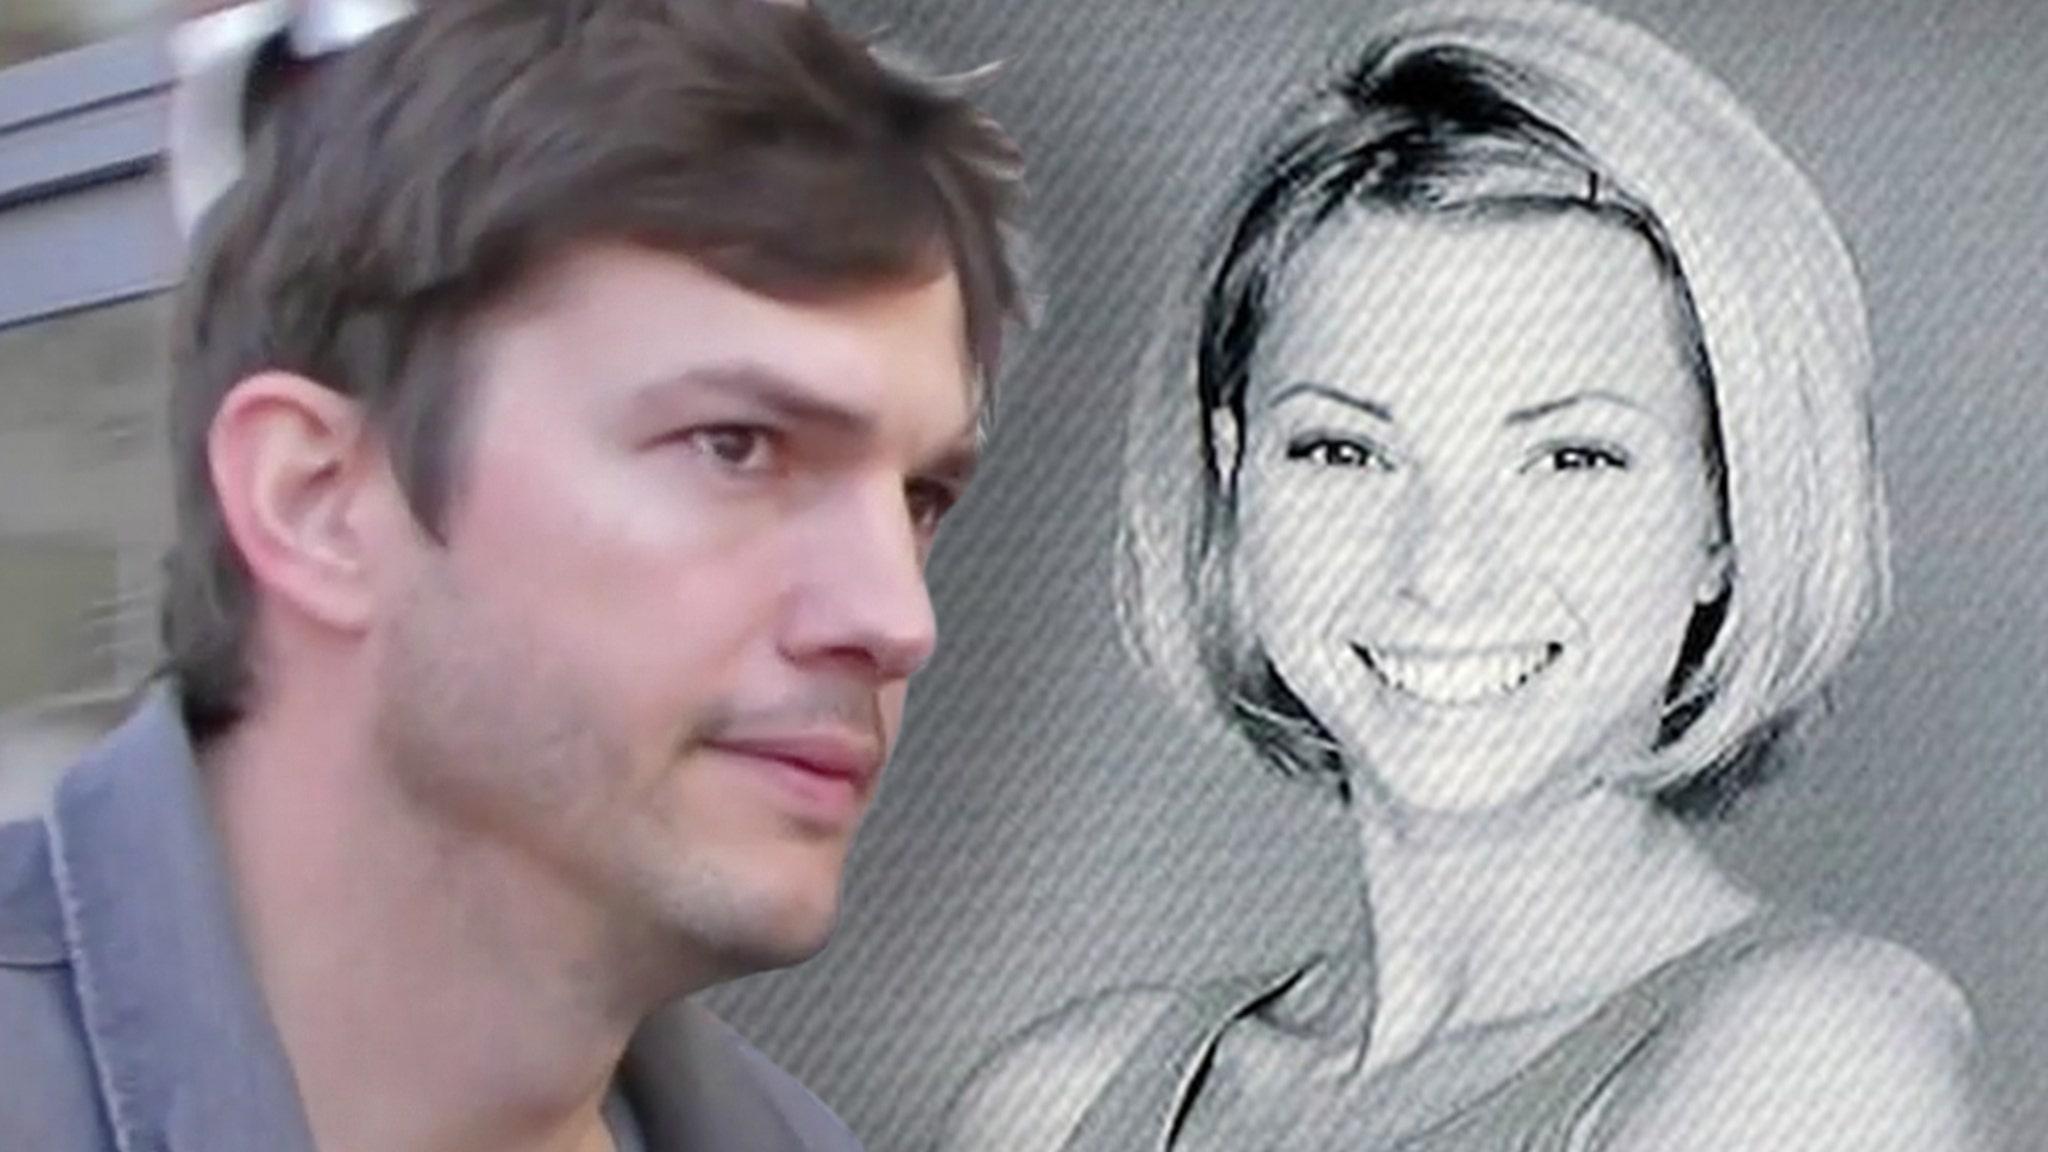 Ashton Kutcher's Slain Friend's Killer Found Guilty of Murder